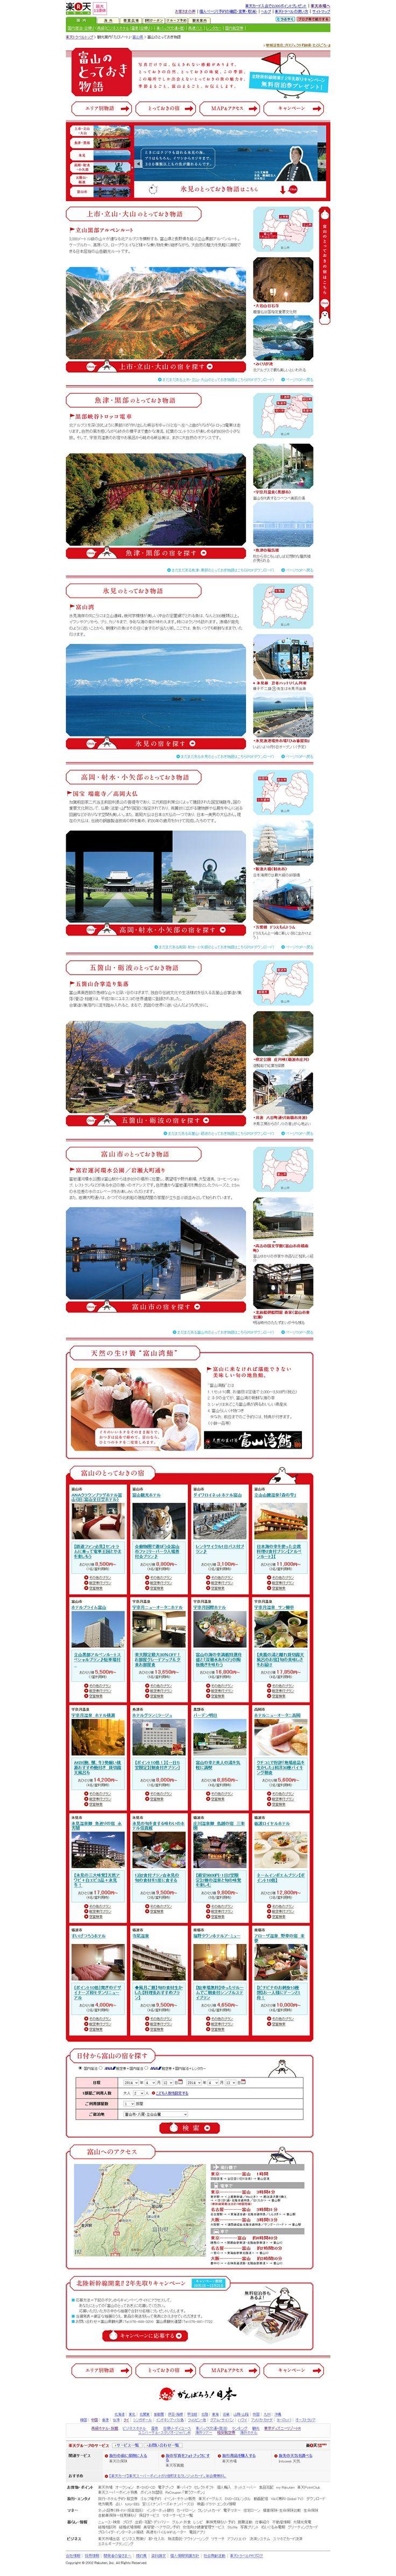 【旅頃】富山県のとっておき物語 *広告案件* 絶景 白 赤 http://travel.rakuten.co.jp/movement/toyama/201209/